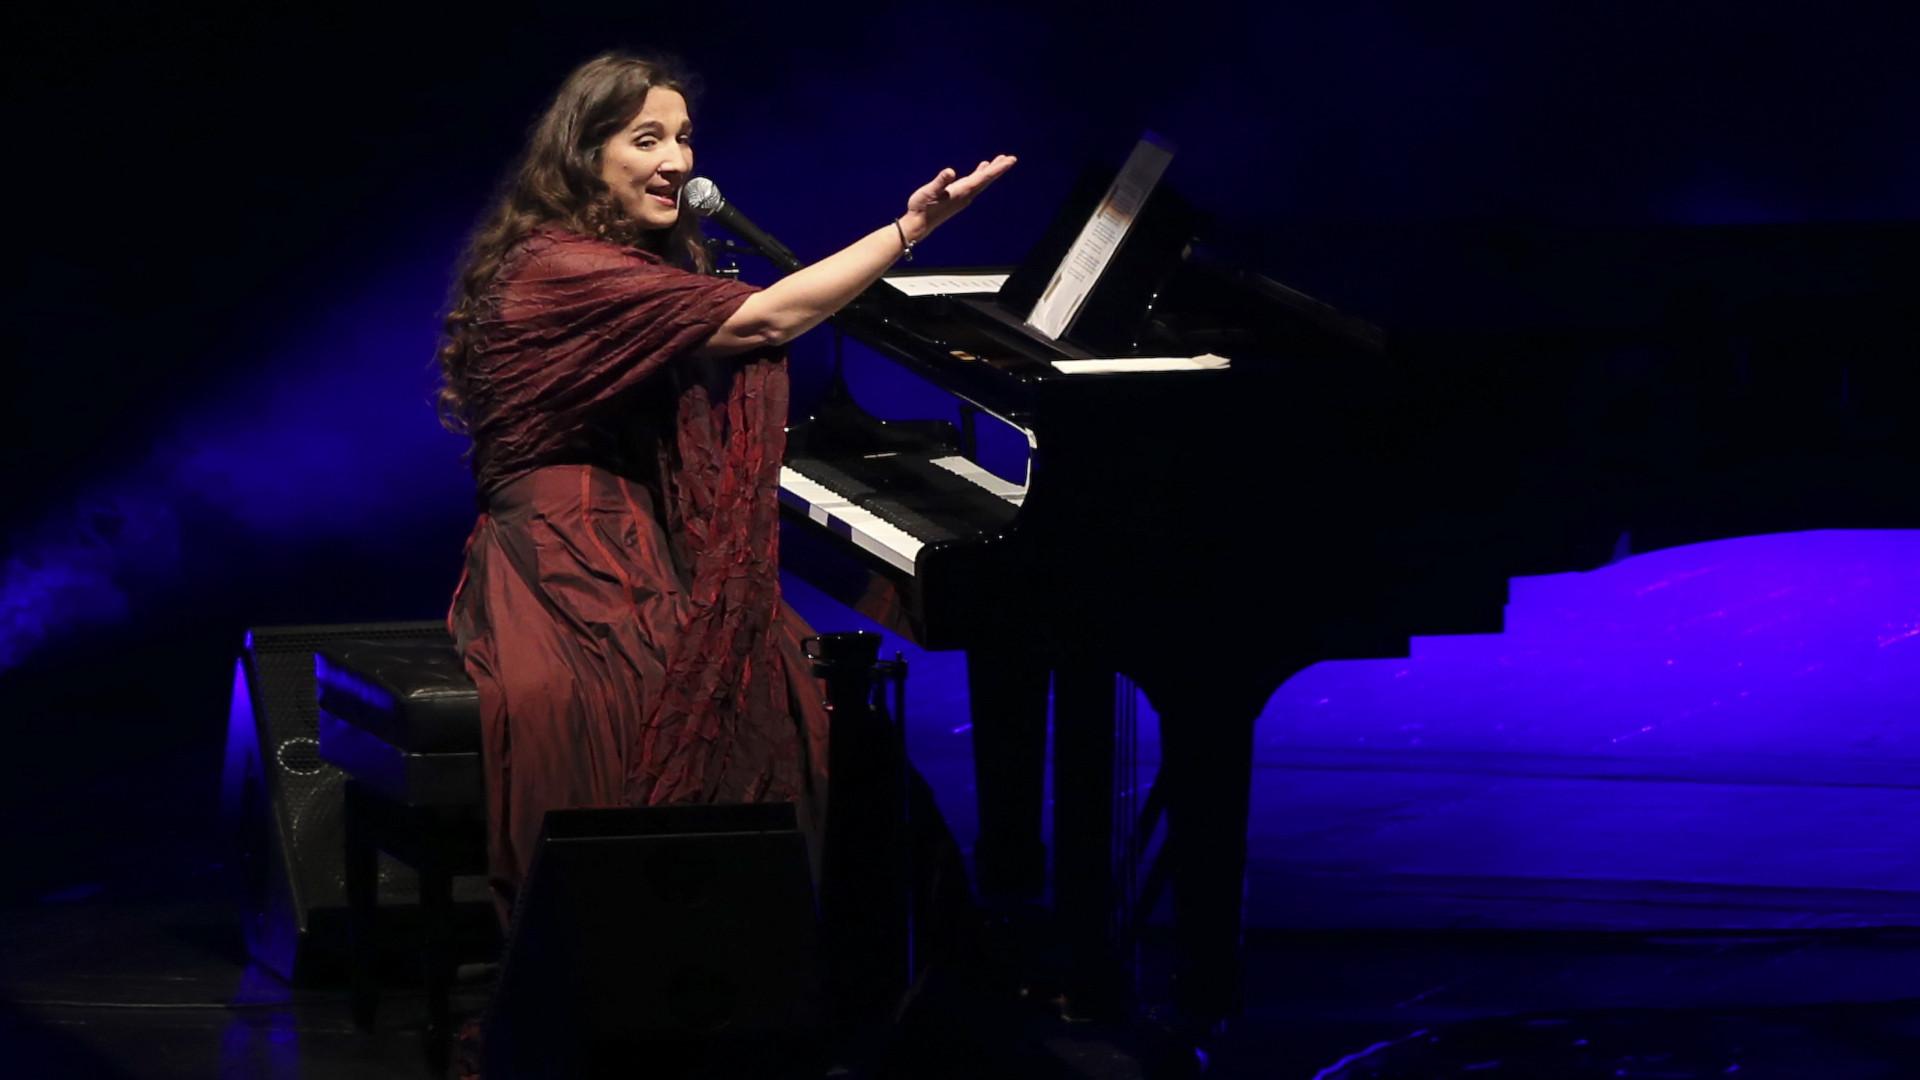 Dulce Pontes canta sábado no Olympia, em Paris